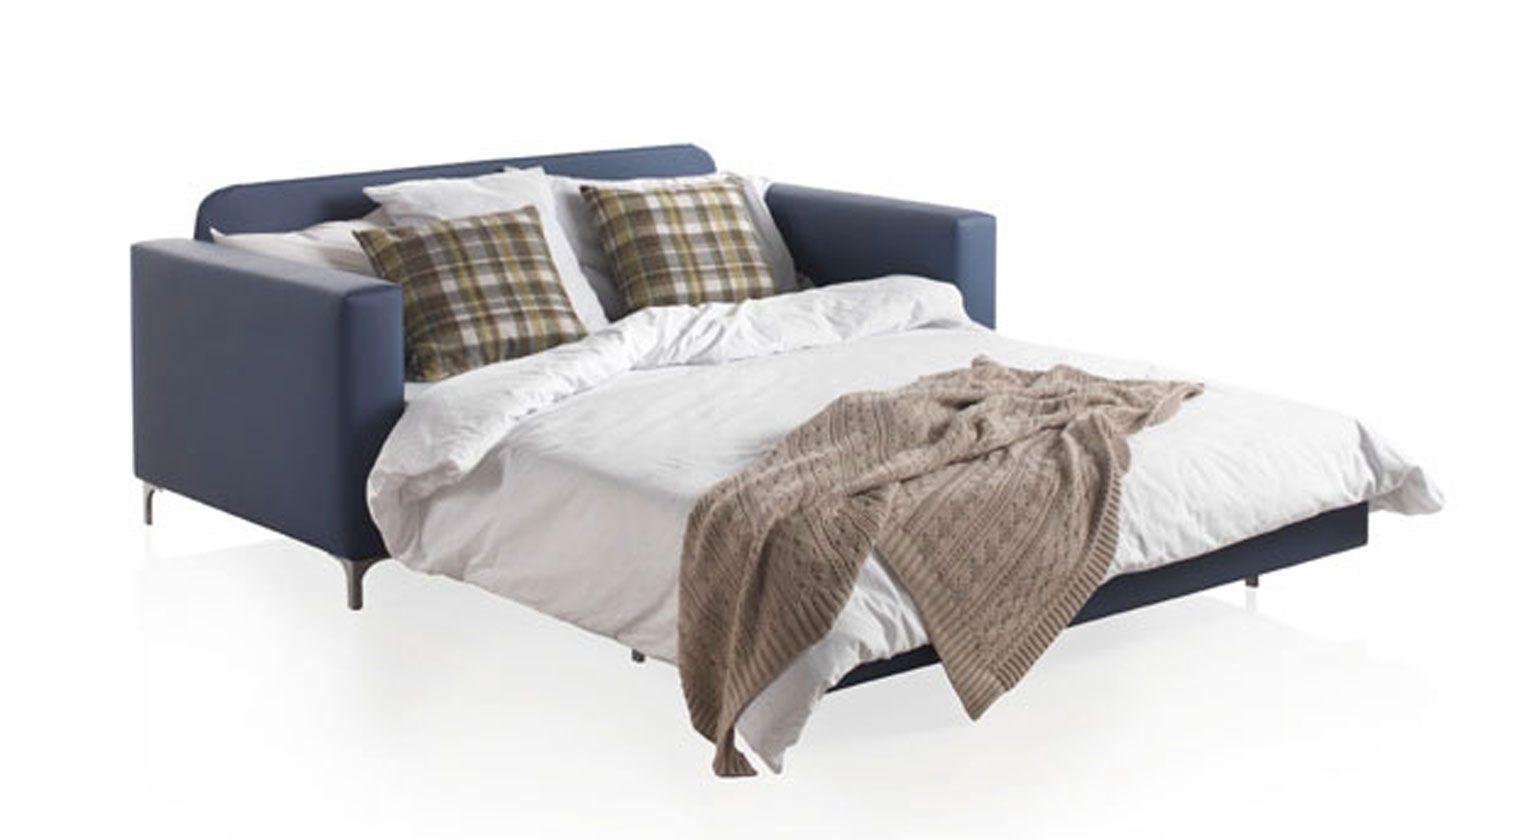 Comprar sof cama brest 1 plaza cama de 80x190 cm buzo - Sofas cama de 1 20 cm ...